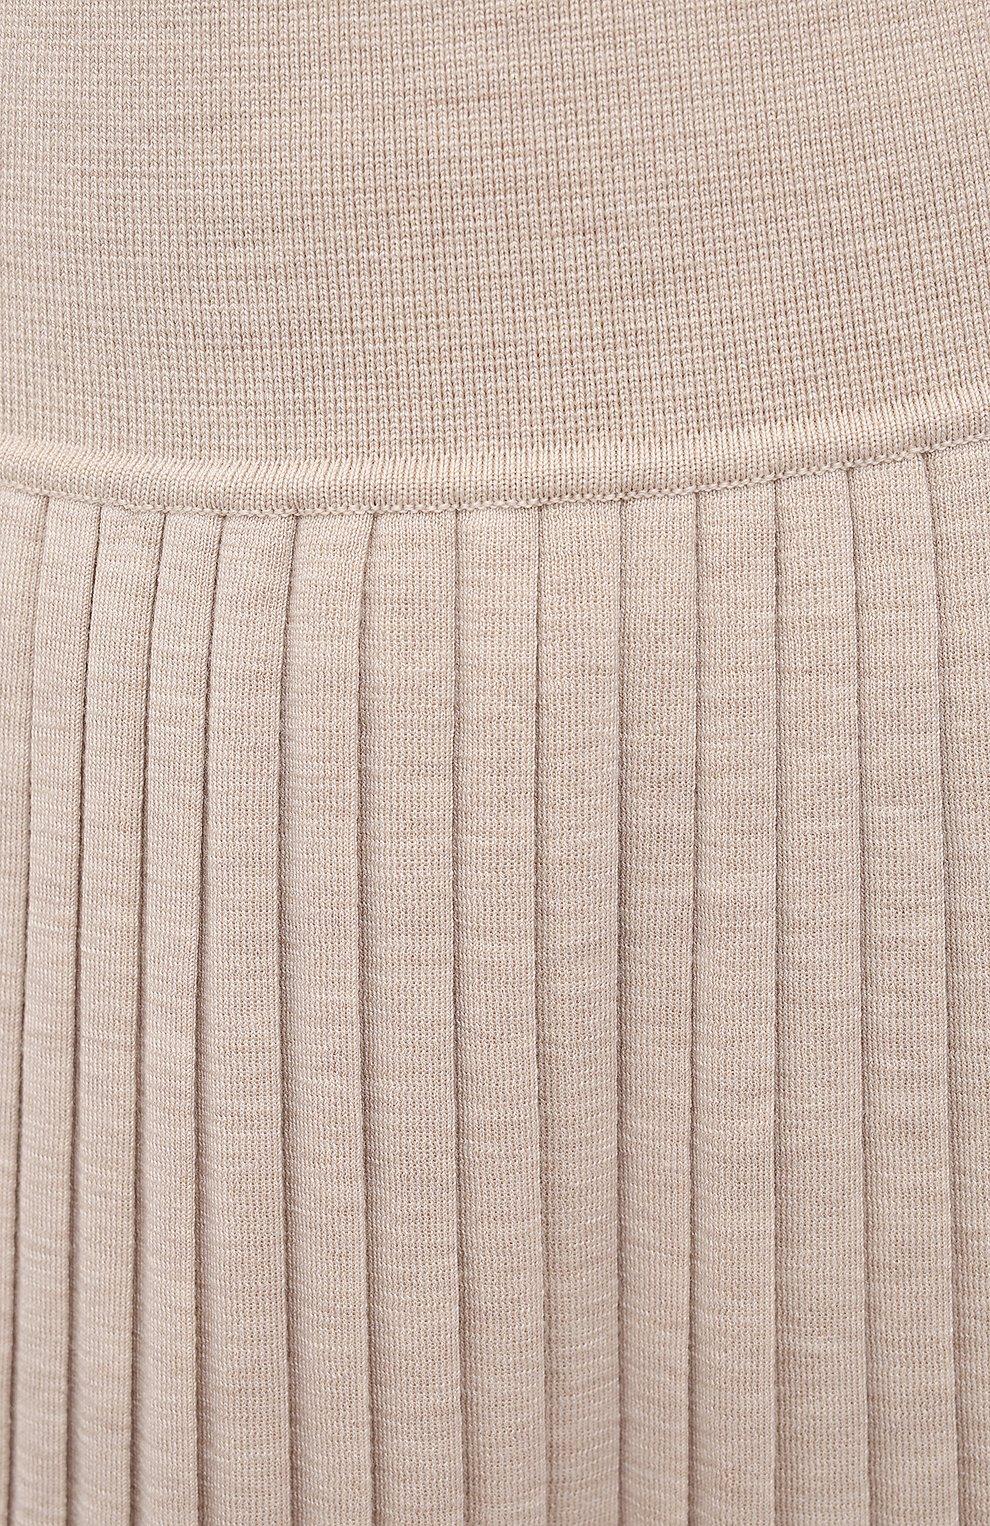 Женская юбка из шерсти и шелка THE ROW бежевого цвета, арт. 5678Y476 | Фото 5 (Материал внешний: Шерсть, Шелк; Женское Кросс-КТ: юбка-плиссе, Юбка-одежда; Кросс-КТ: Трикотаж; Длина Ж (юбки, платья, шорты): Макси; Стили: Кэжуэл)